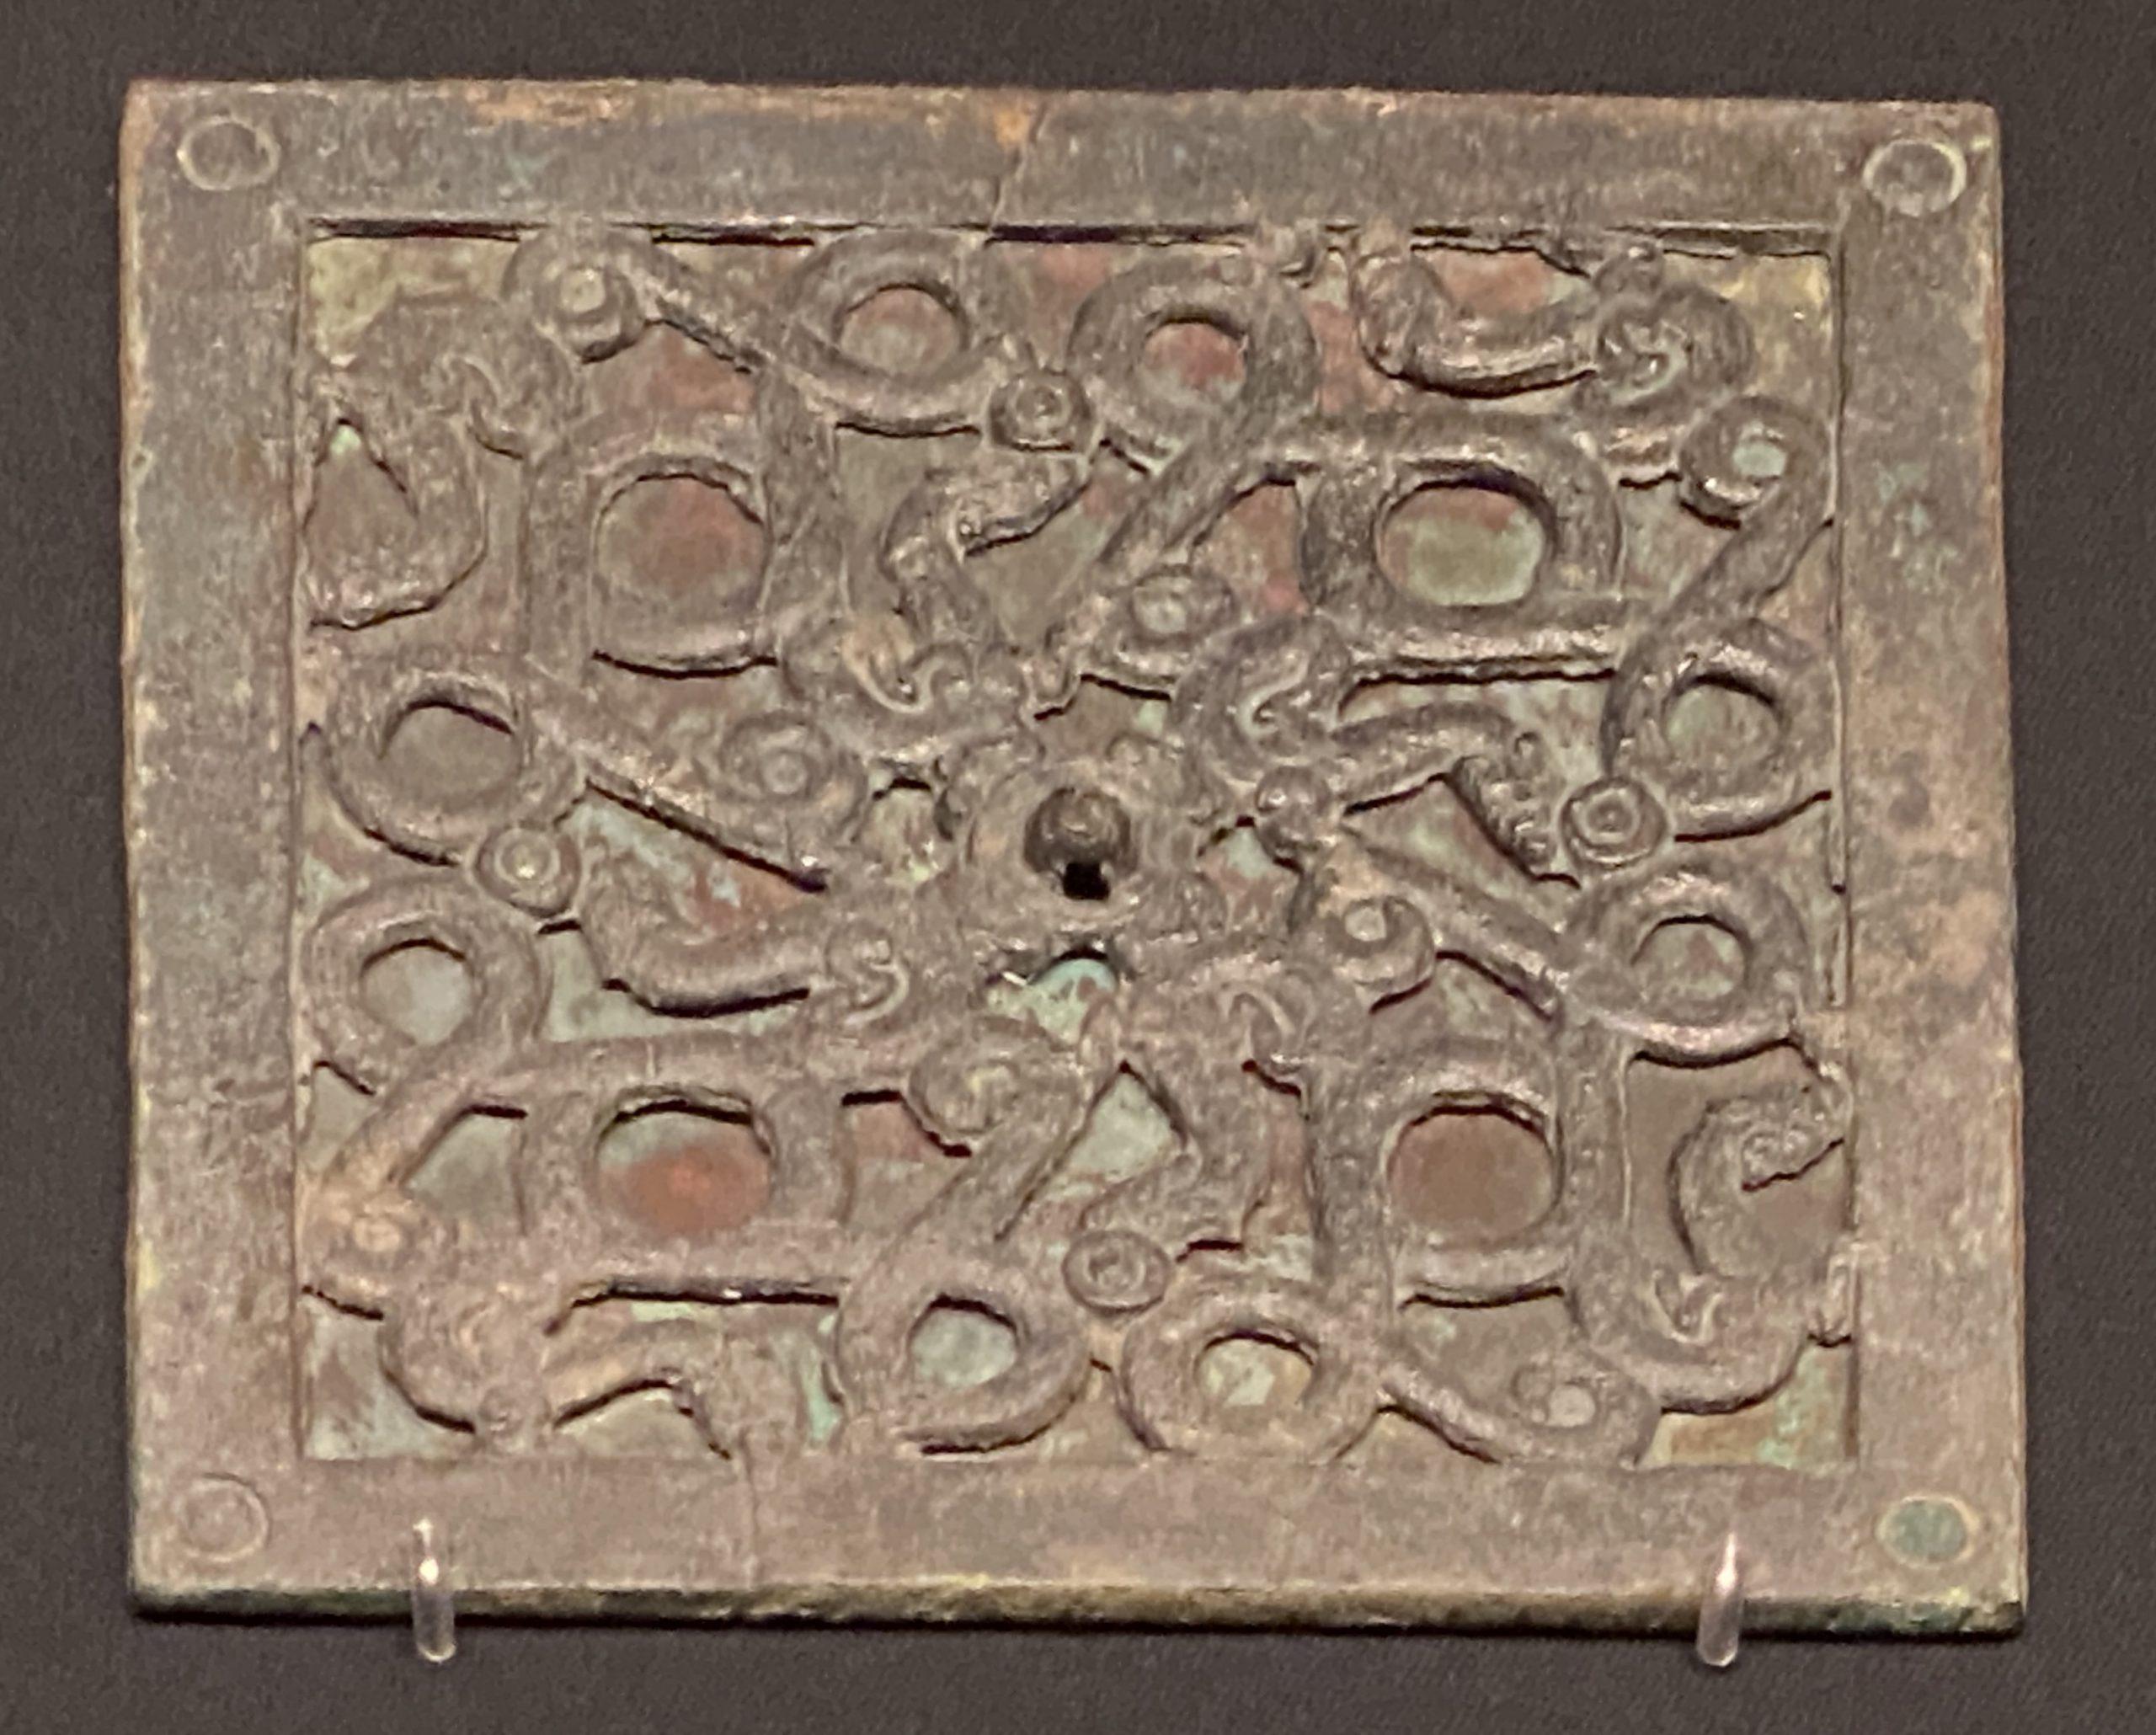 透彫銅鏡-【列備五都-秦漢時代の中国都市】-成都博物館-四川成都